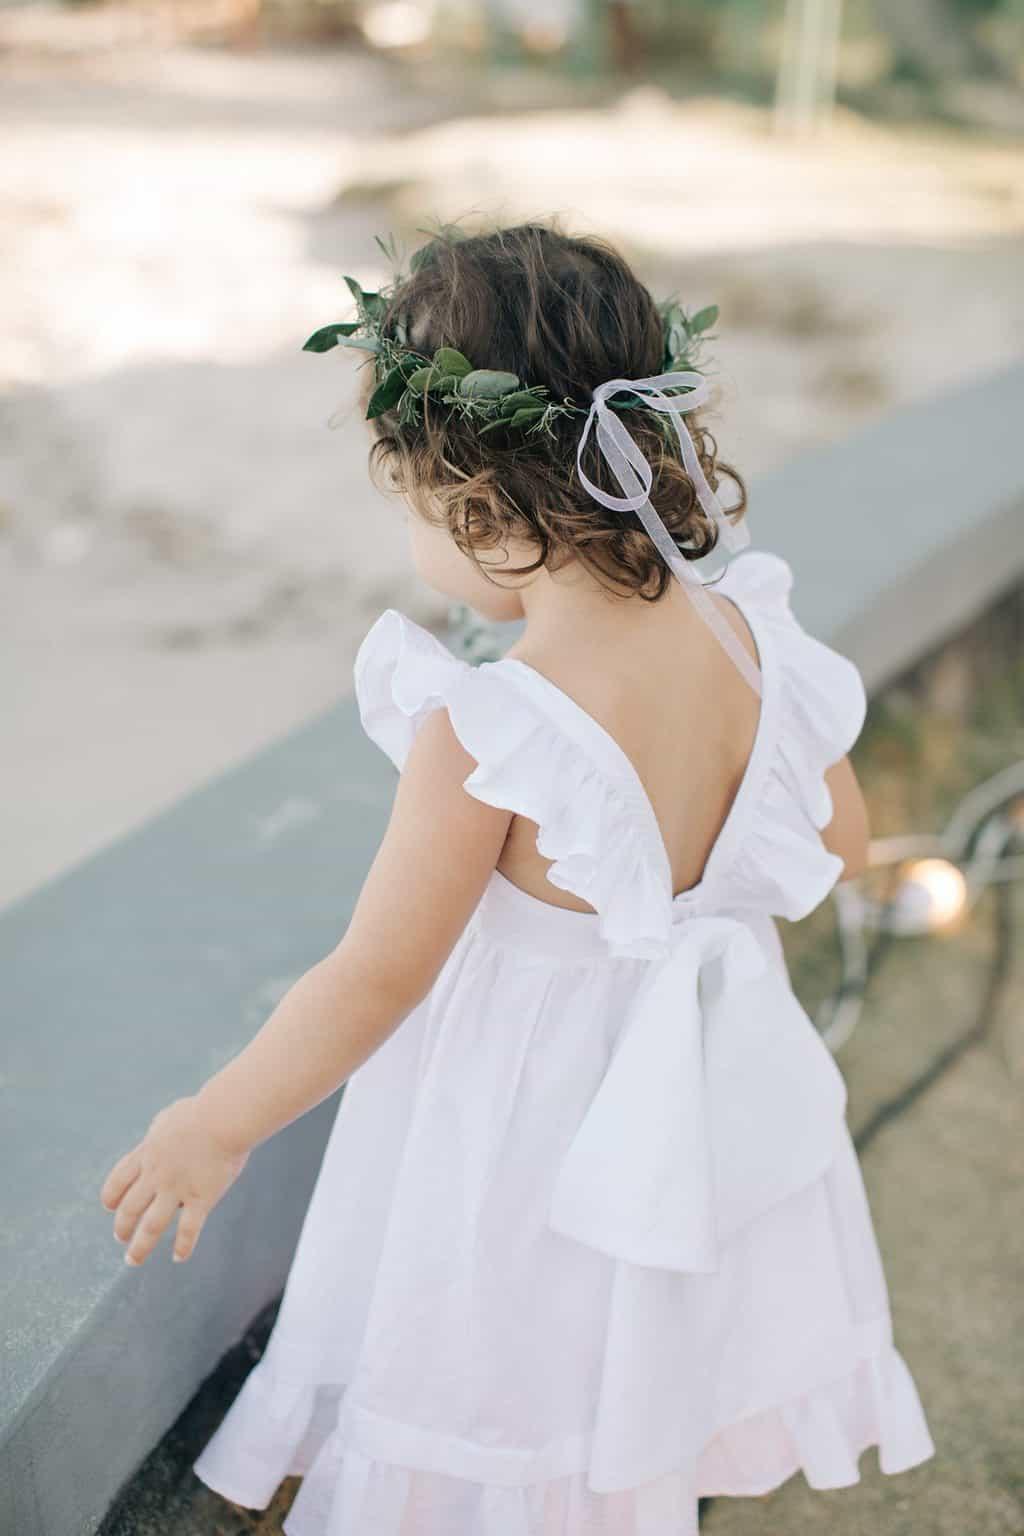 casamento-Danielle-e-Guilherme-aloha-fotografia-caseme-76